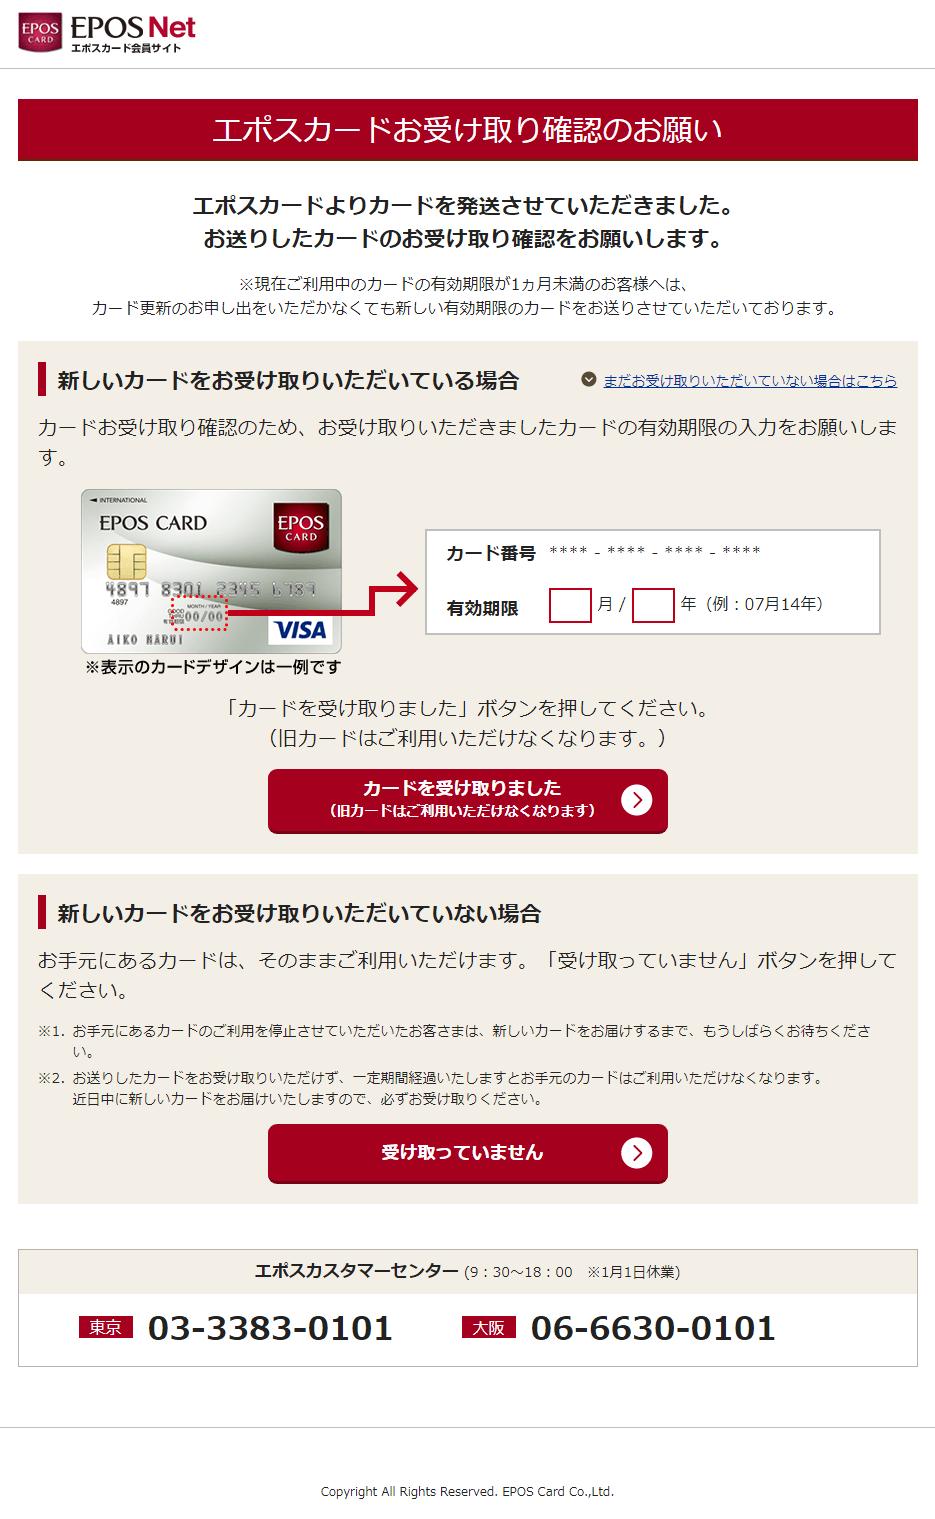 エポスNetカード受け取り確認画面